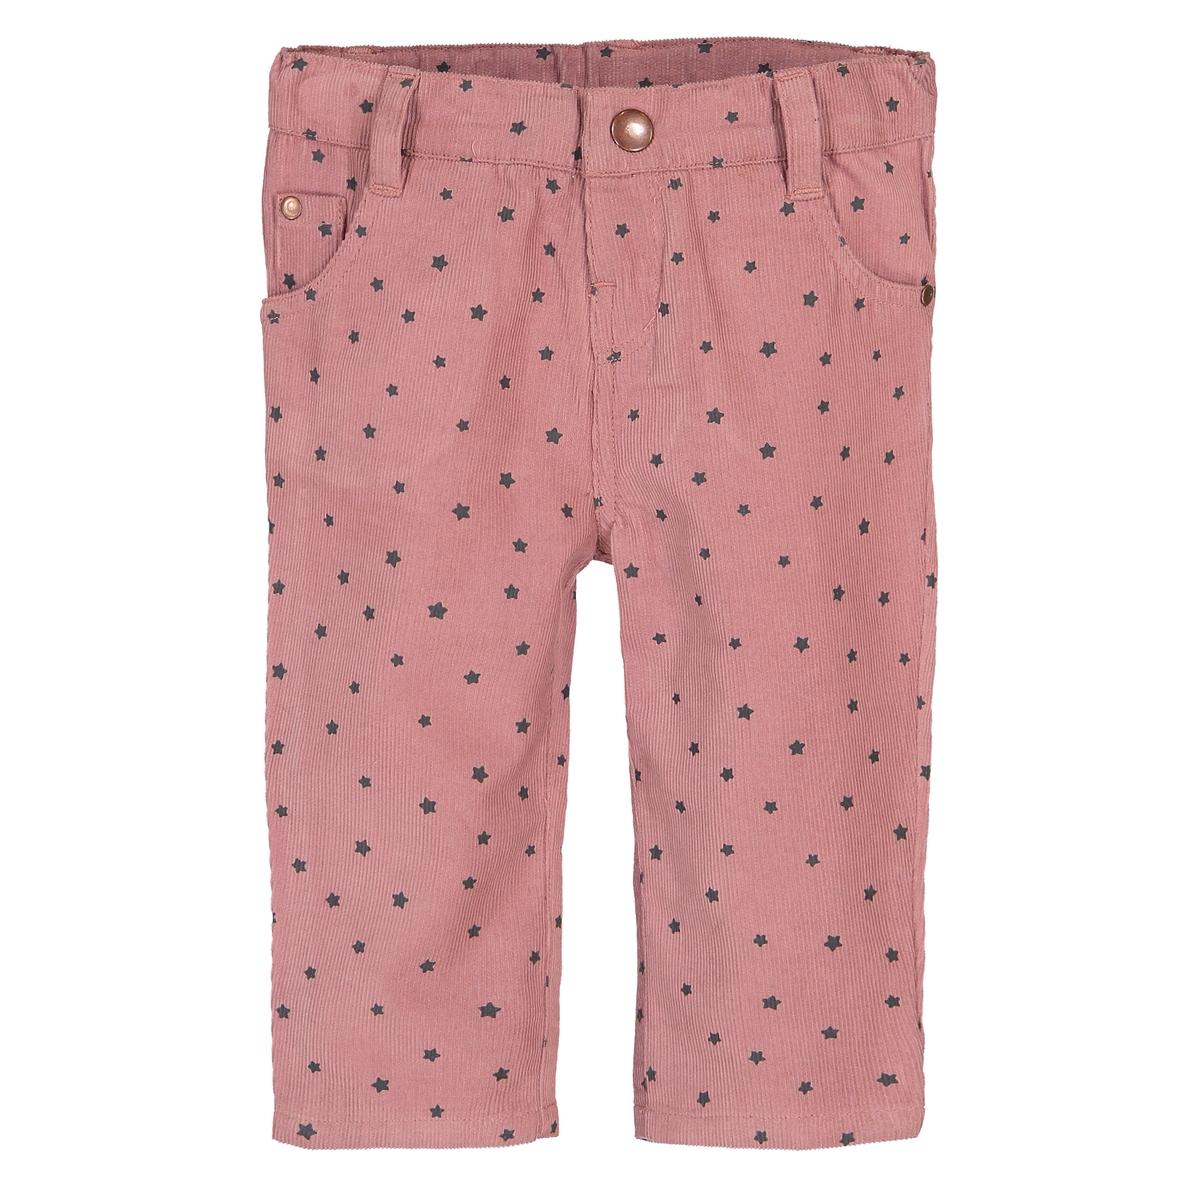 Брюки La Redoute Прямые с рисунком из велюра мес - года 9 мес. - 71 см розовый пижамы la redoute из велюра мес года 0 мес 50 см синий